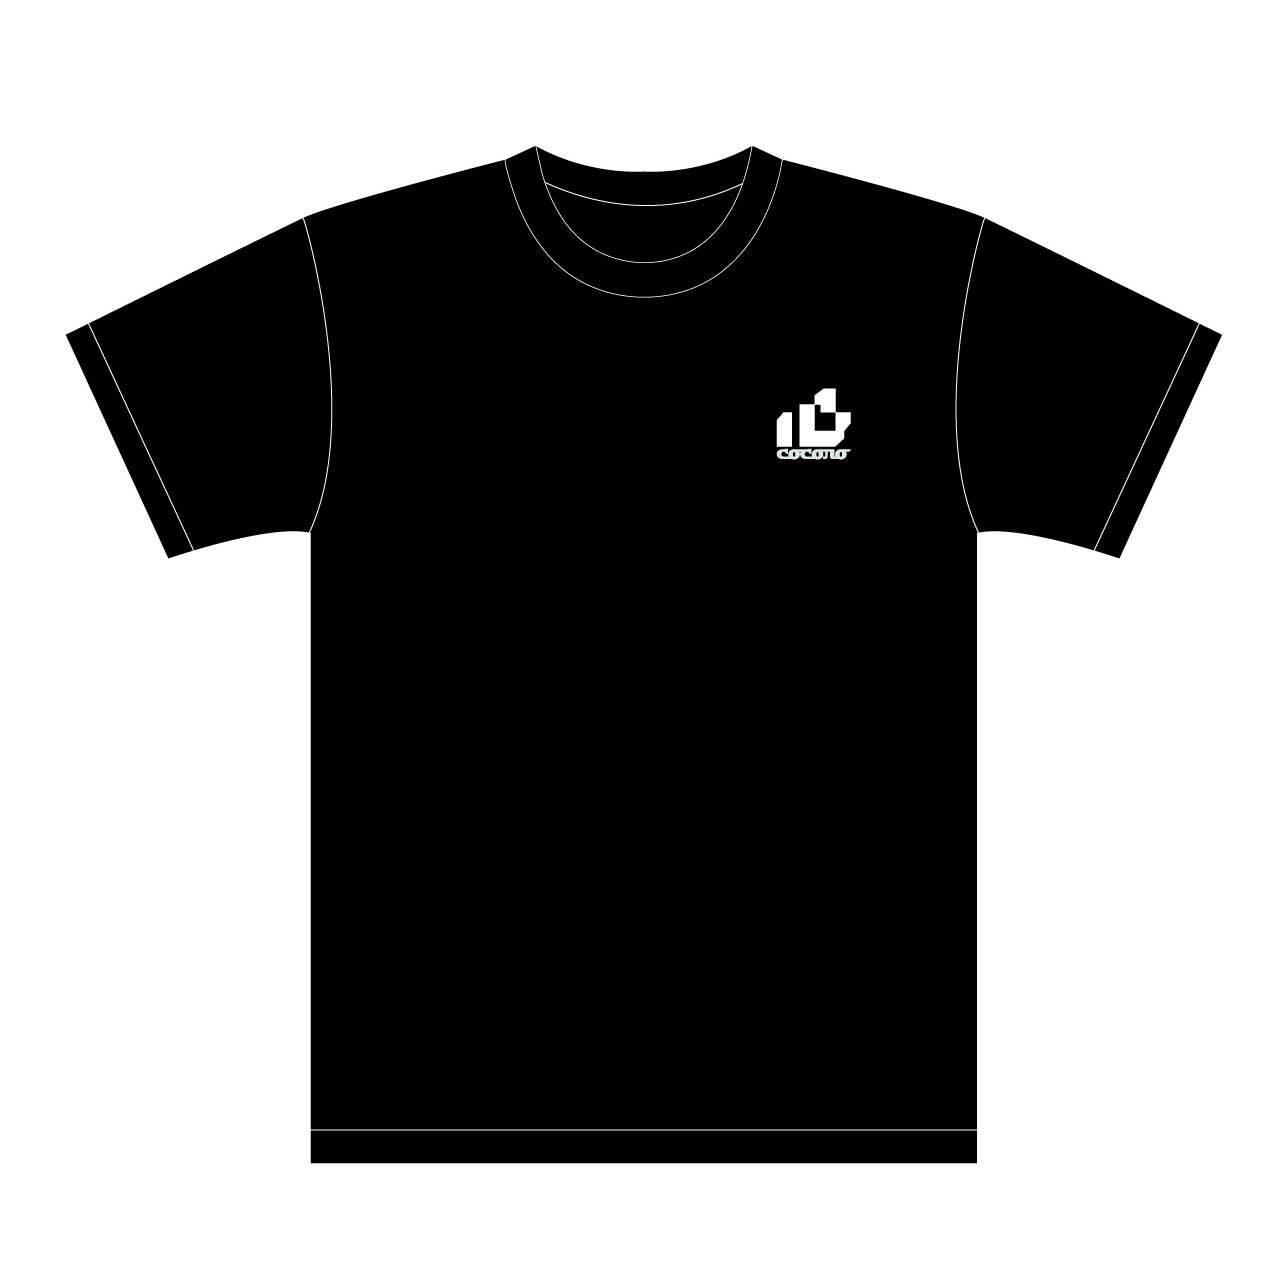 おはようございます×ピノキオピー×あらいやかしこ「心」Tシャツ(ブラック) - 画像1